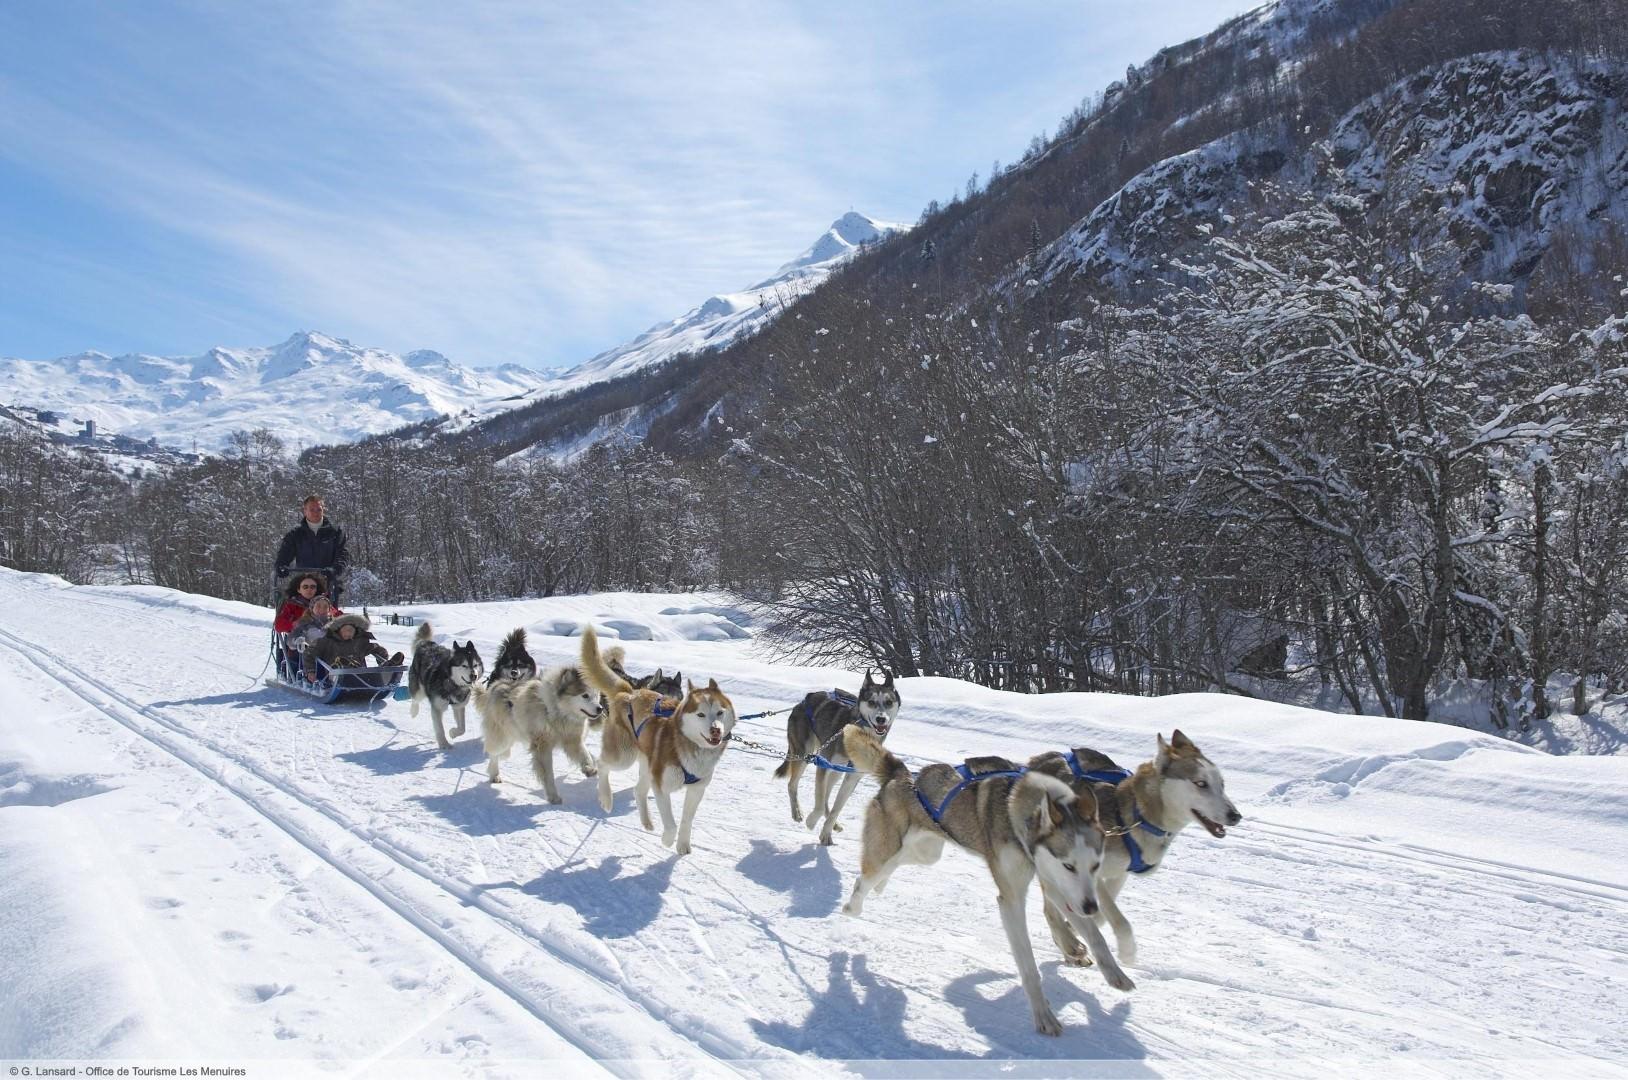 après-ski in Les Menuires